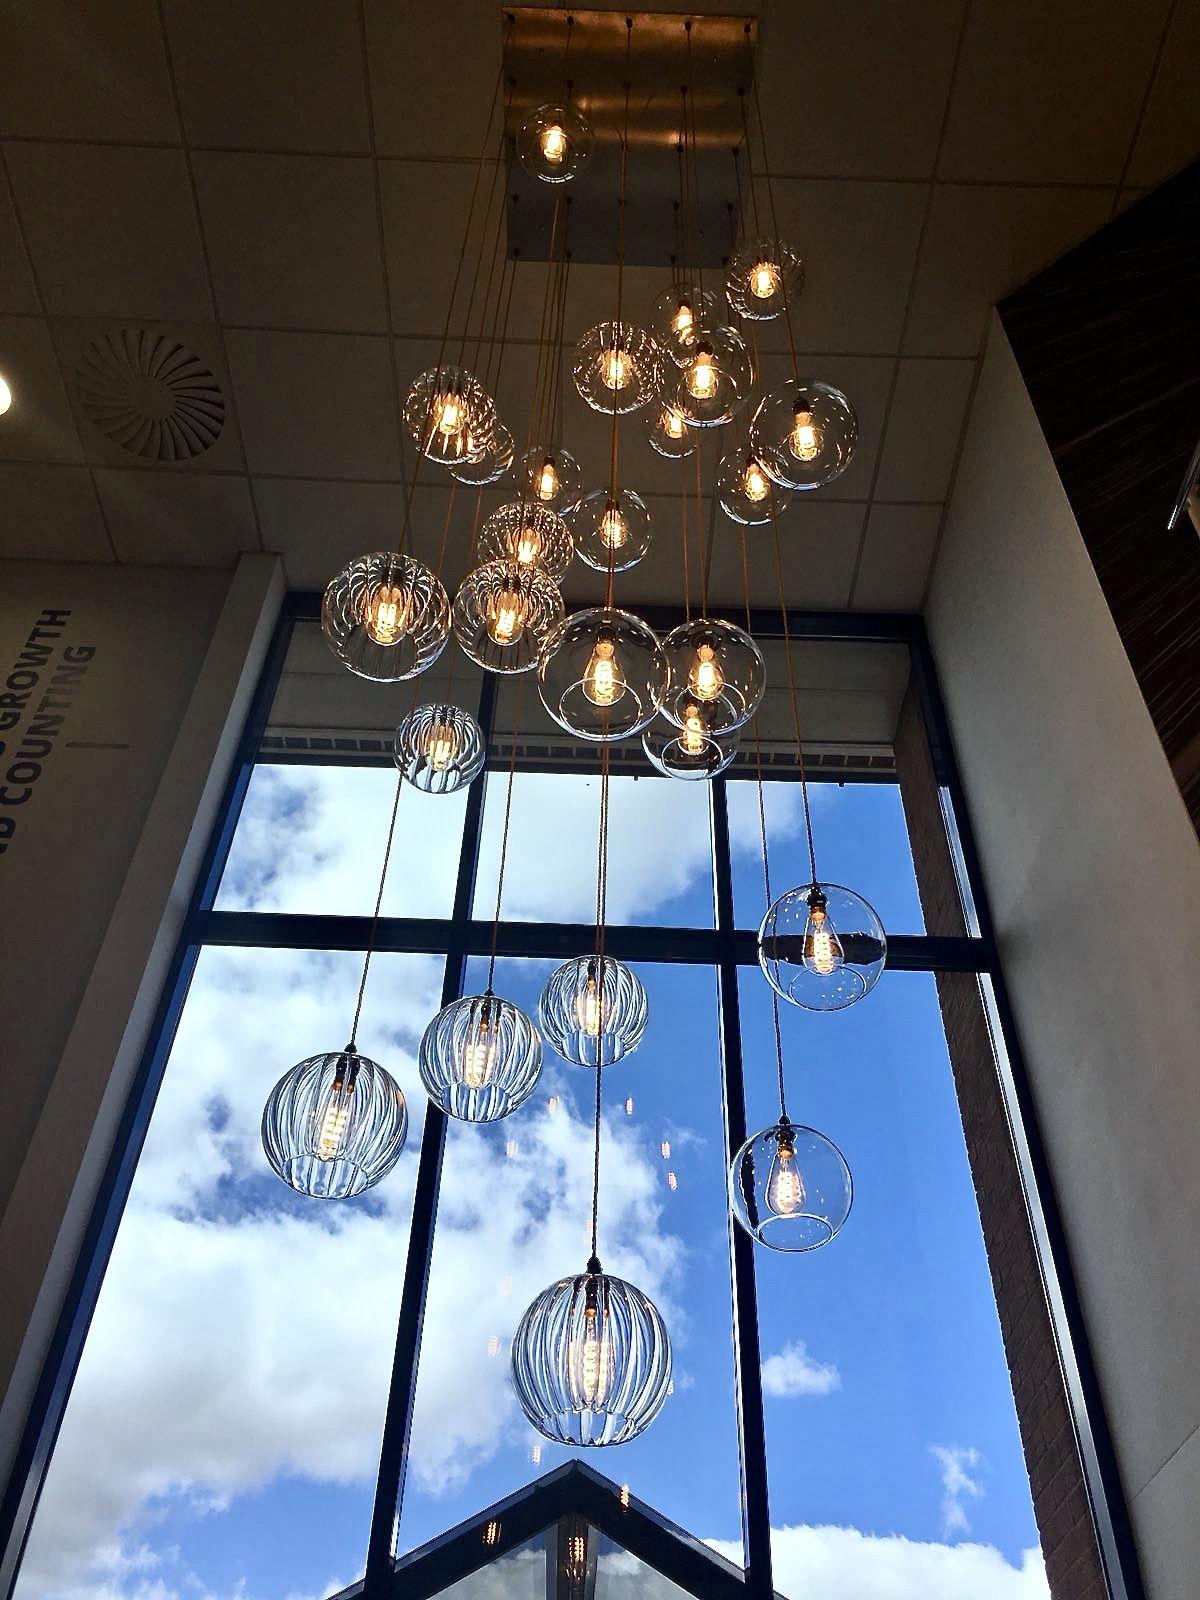 Fritz fryer hereford globe cluster pendant light set commercial